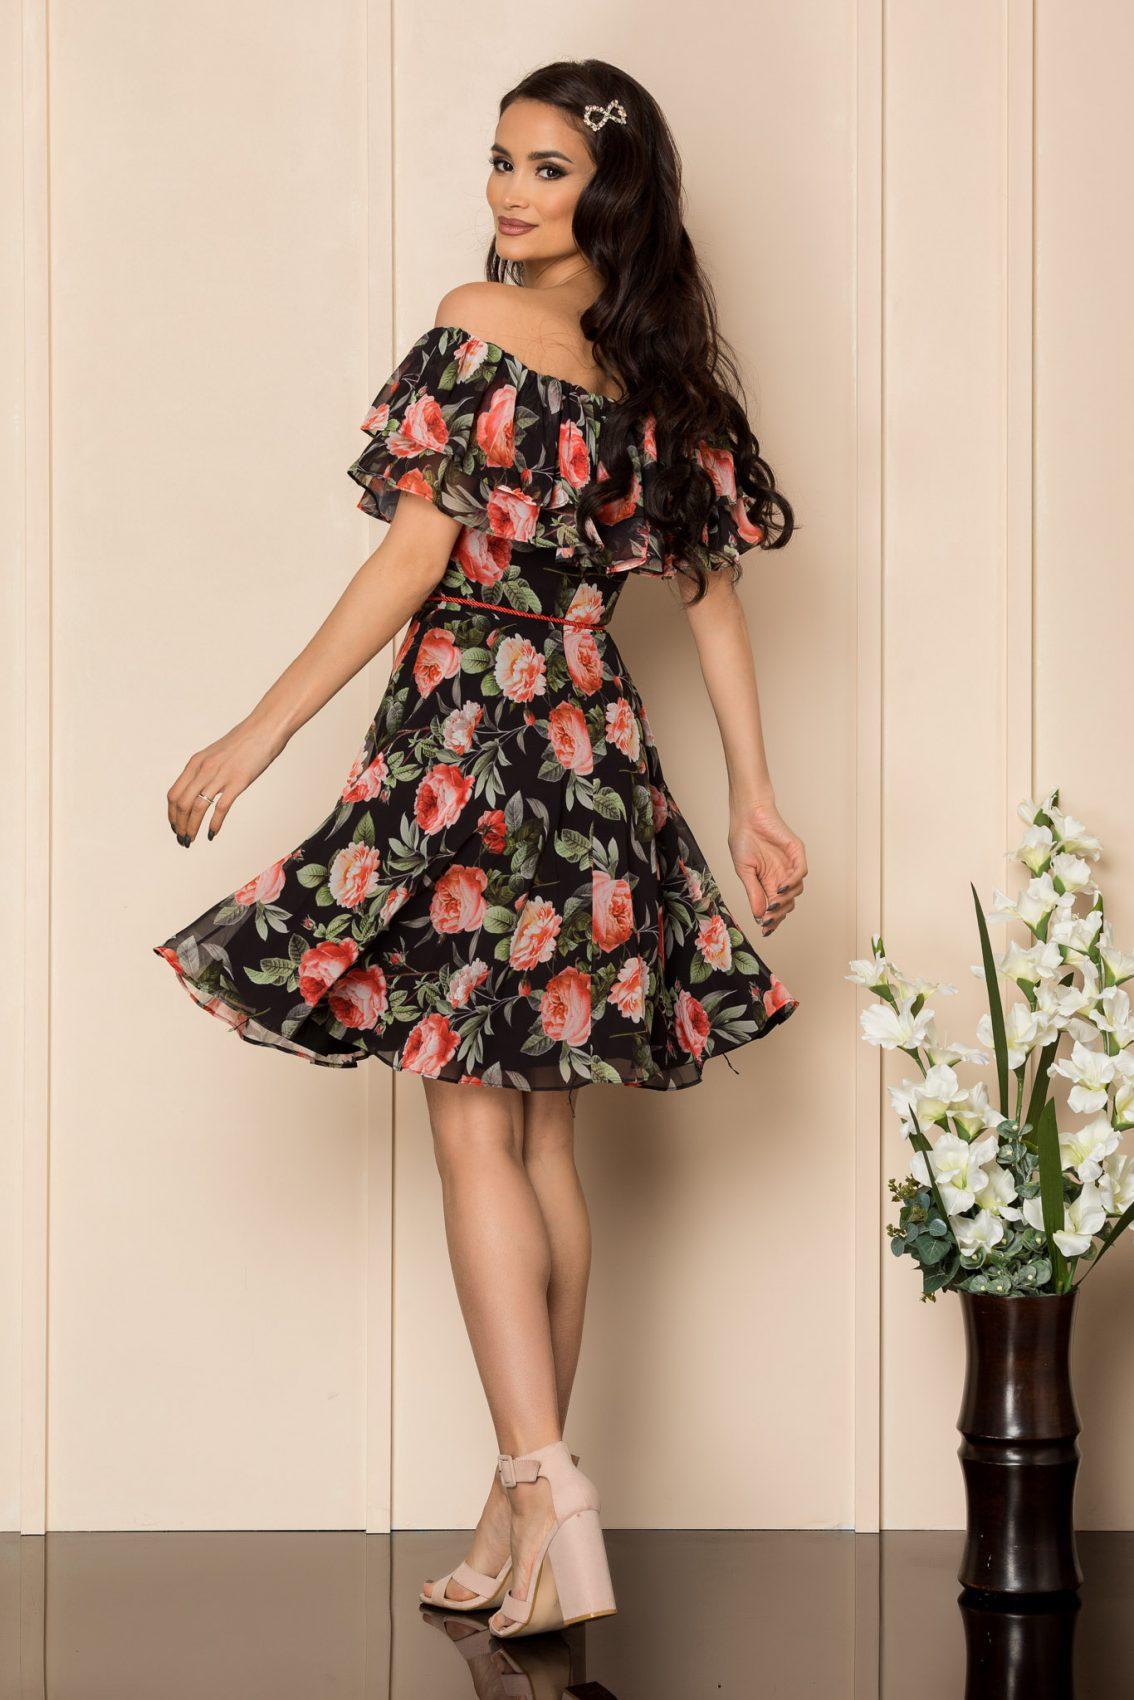 Μαύρο Φλοράλ Φόρεμα Με Βολάν Jasmine A422 2